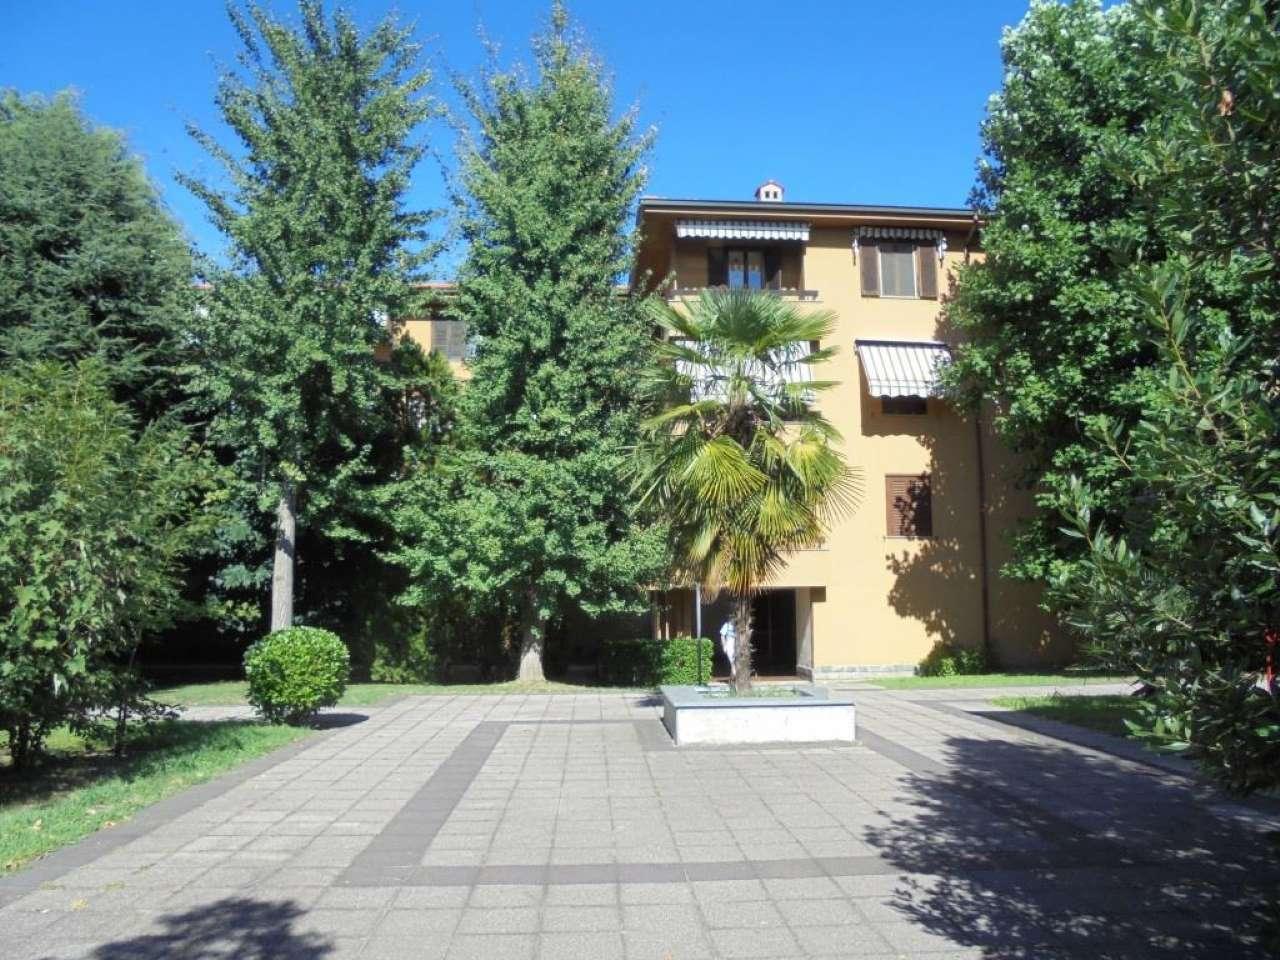 Appartamento in vendita a Vittuone, 4 locali, prezzo € 195.000 | CambioCasa.it